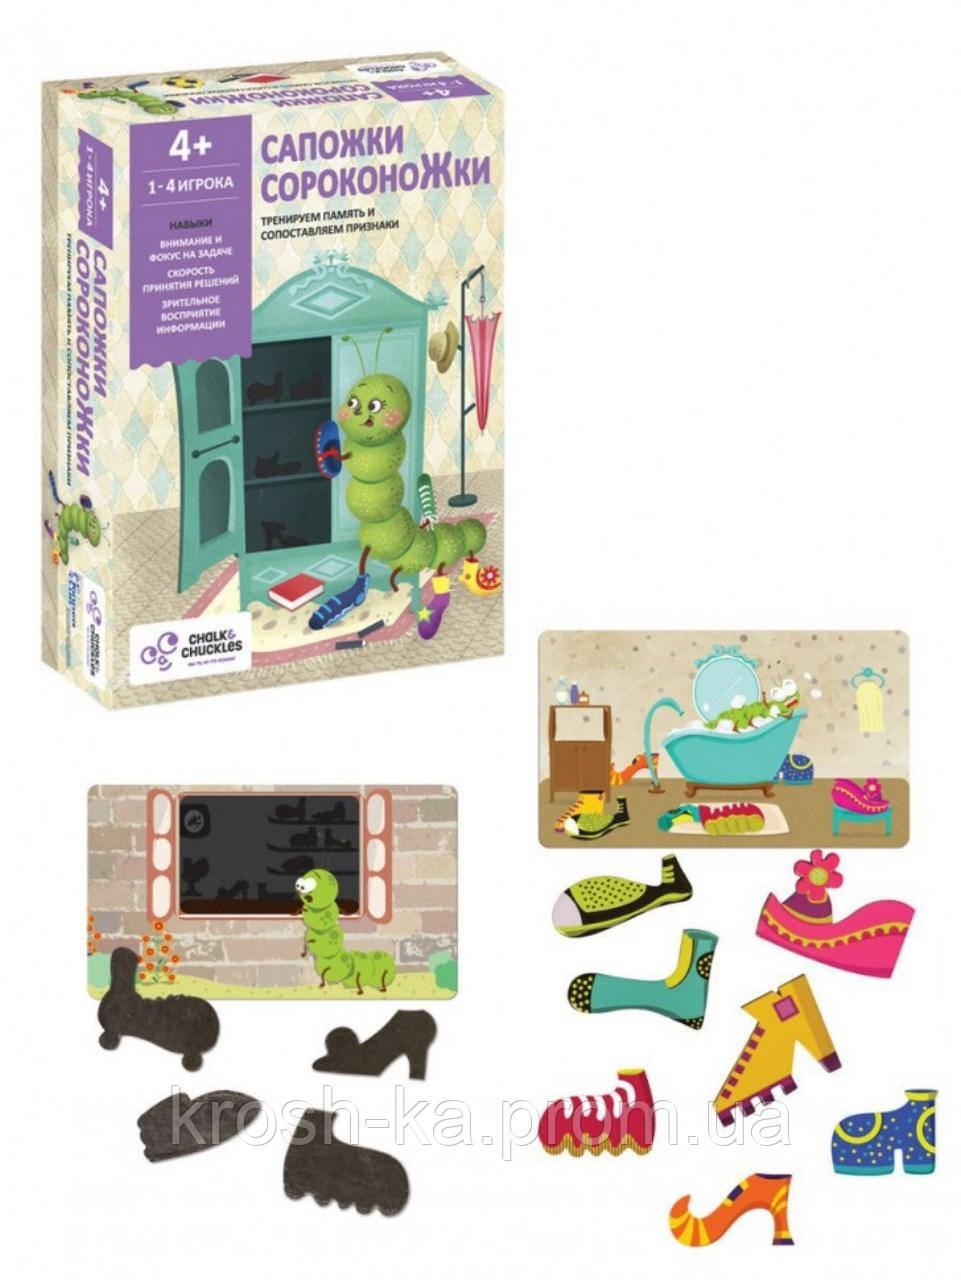 Настольная игра для детей Сапожки Сороконожки  1-4 игрока 4+ Chalk&Chuckles CCPPL039